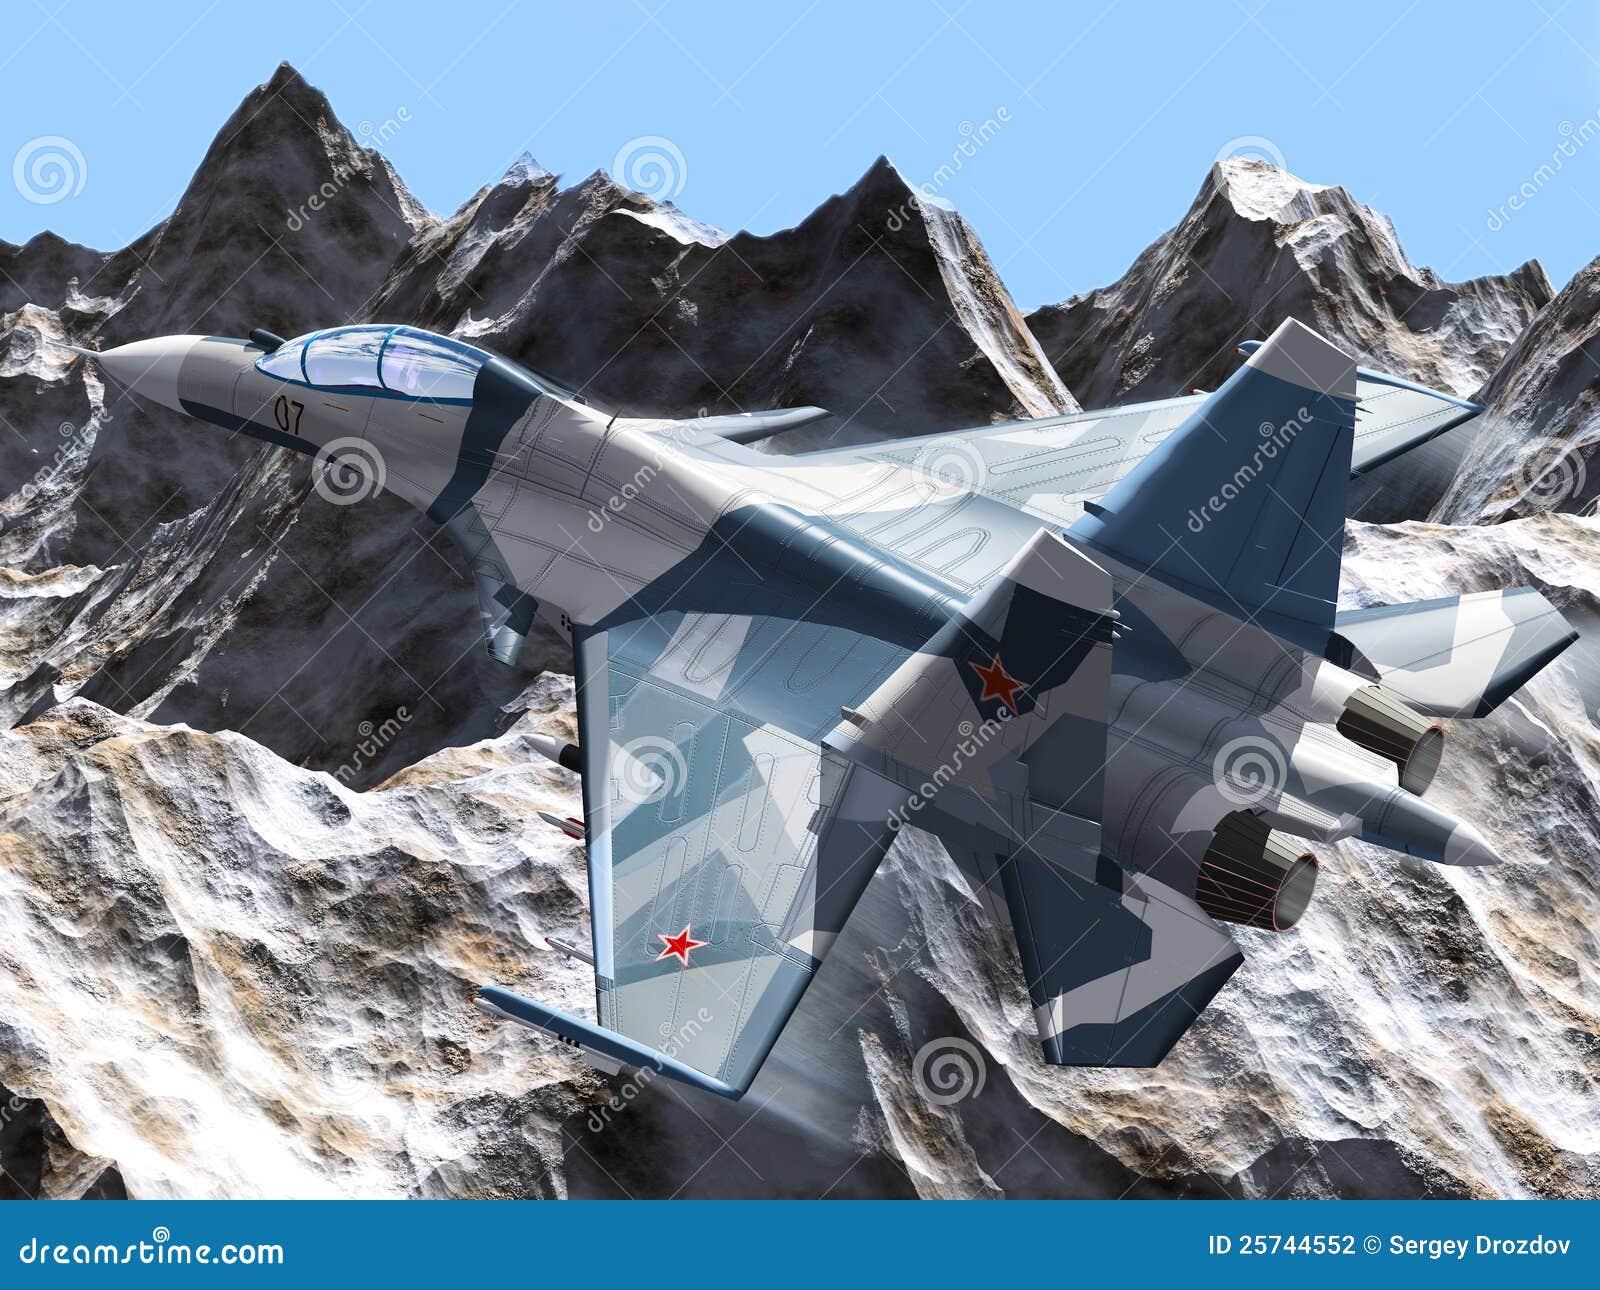 Aereo Da Combattimento Russo : Aereo russo di combattimento illustrazione stock